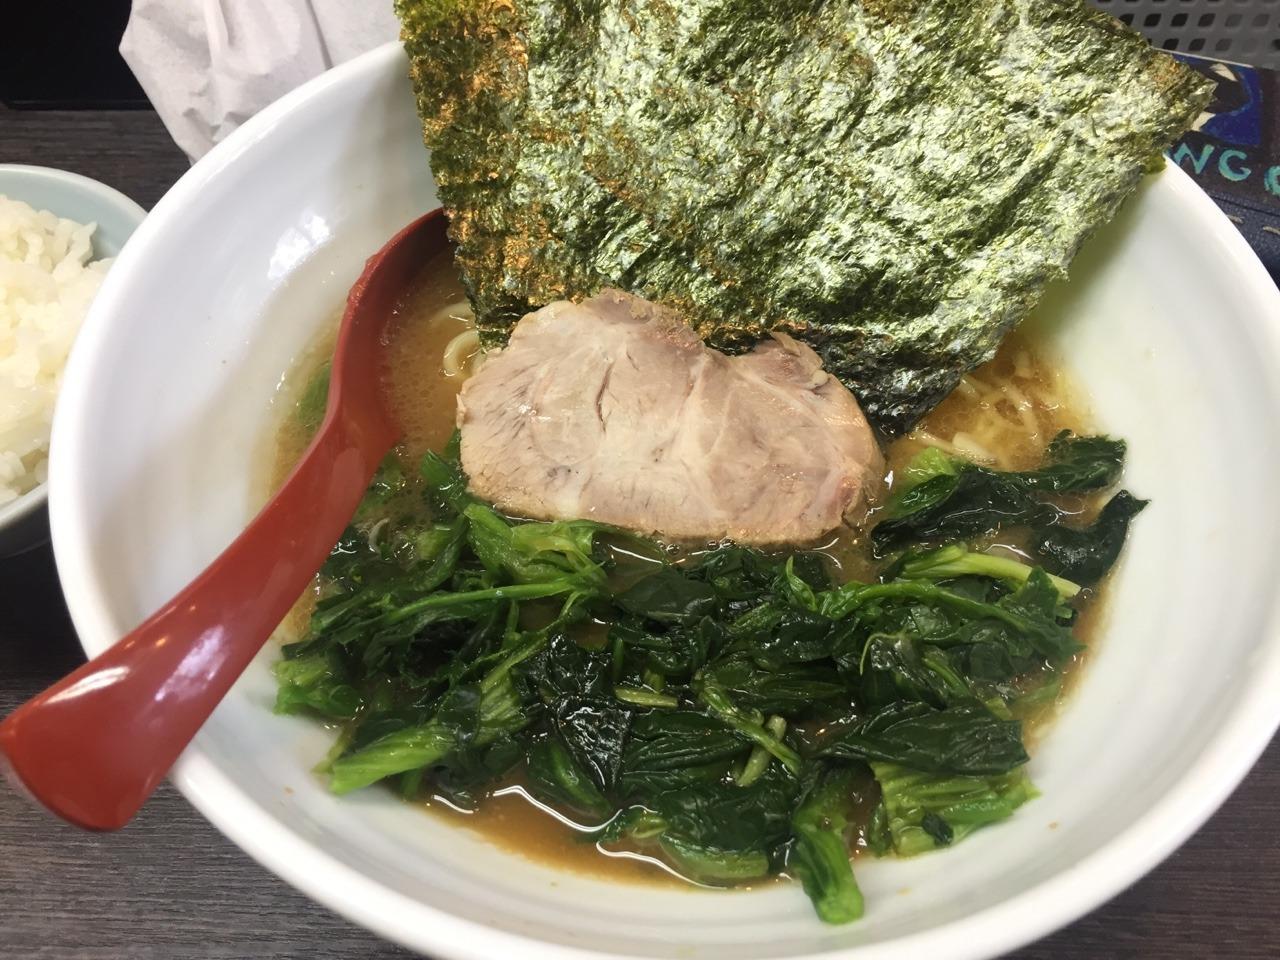 日本人のガム離れ / 麺屋けんゆう ラーメンホウレンソウ入り&チャーシューメン